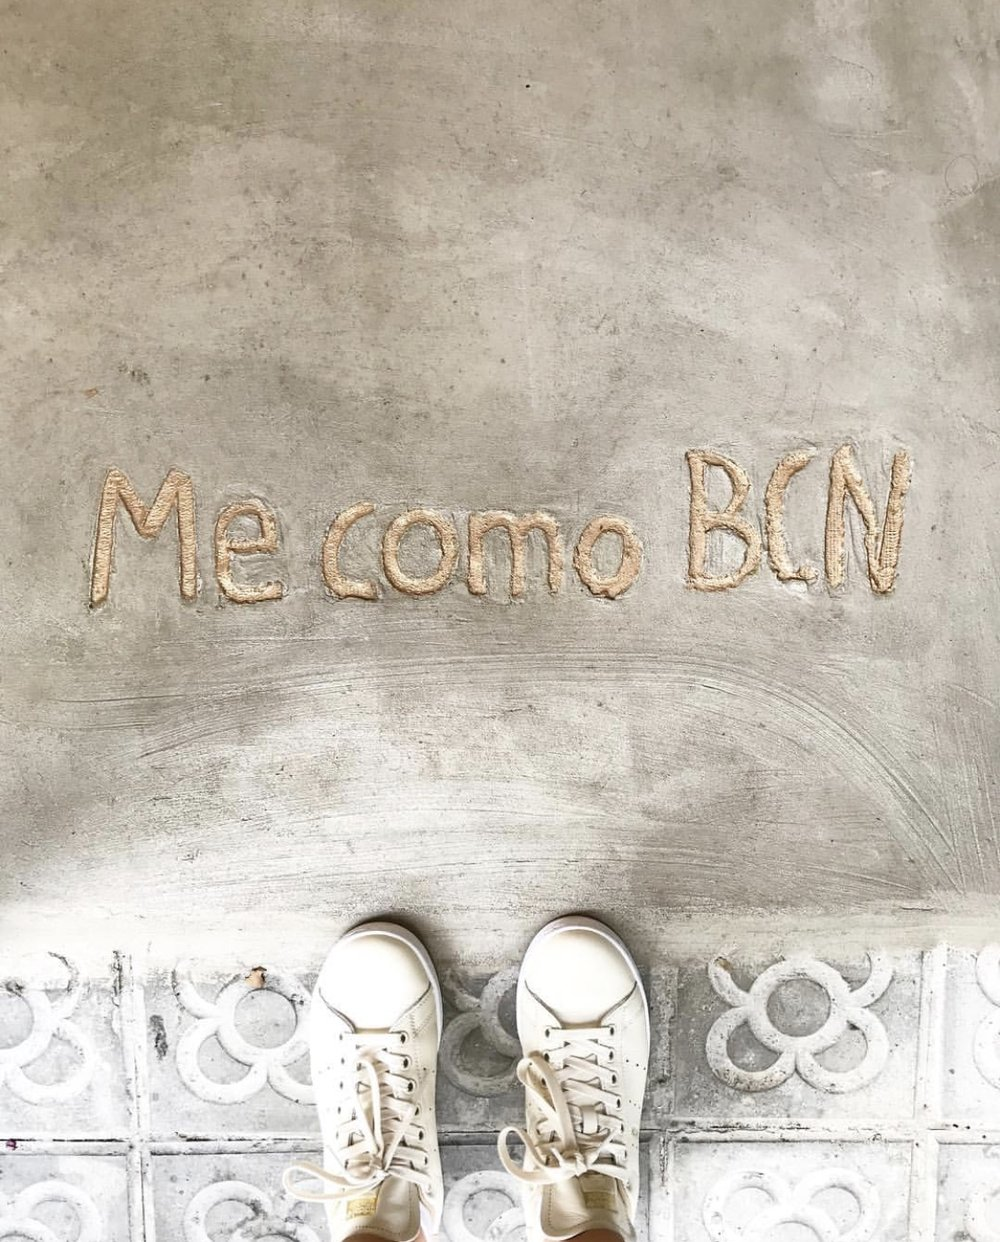 Cookona, Barcelona